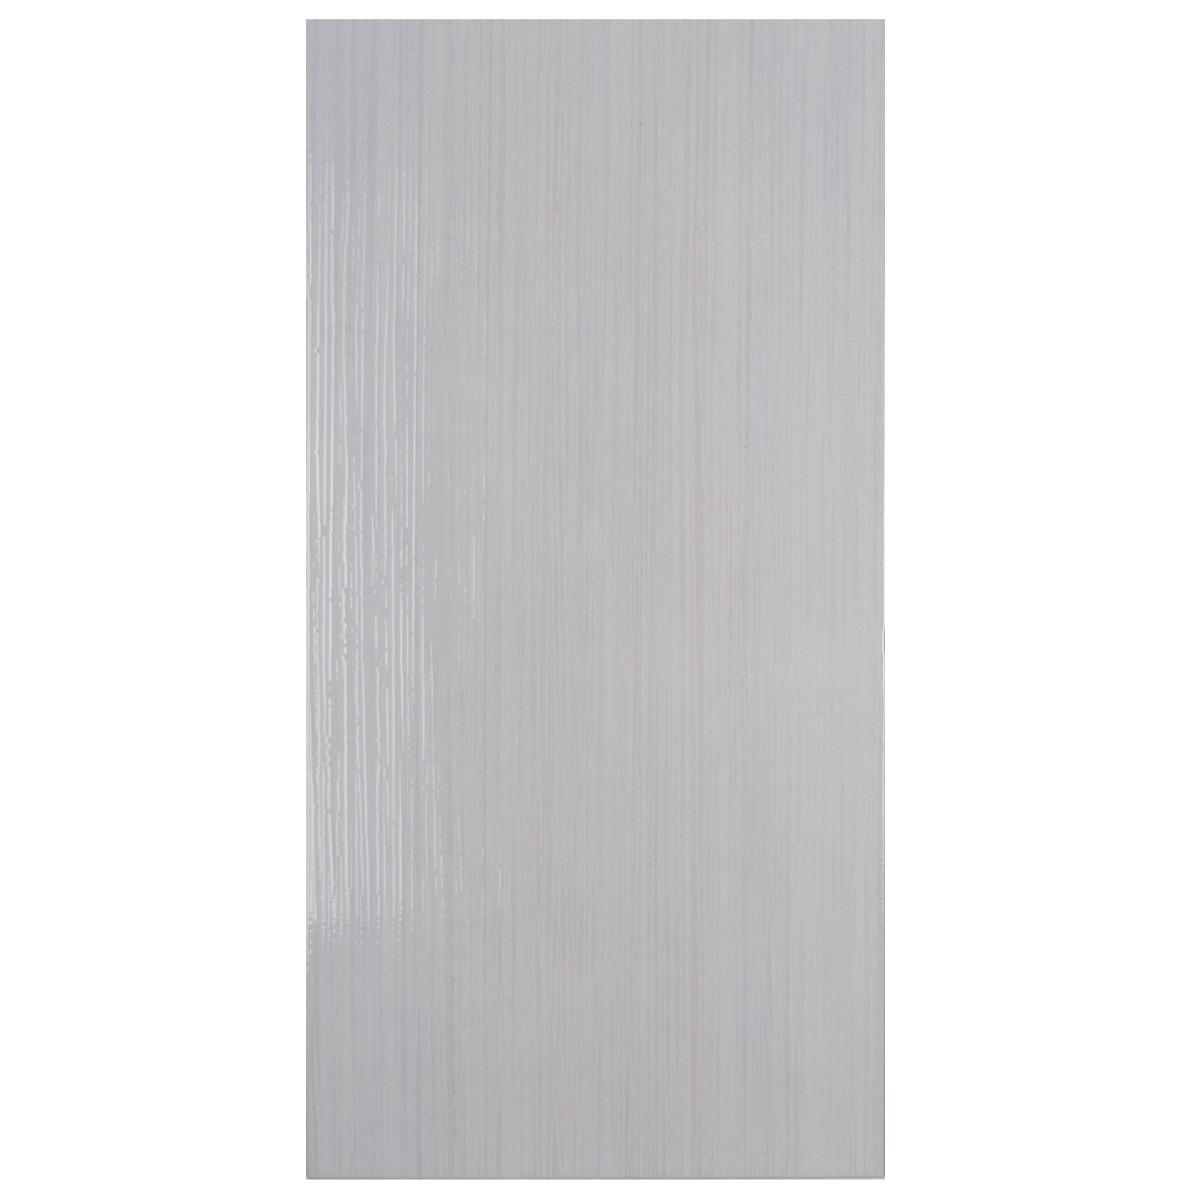 Плитка настенная Верано Бланко 25x50 см 1 м2 цвет белый